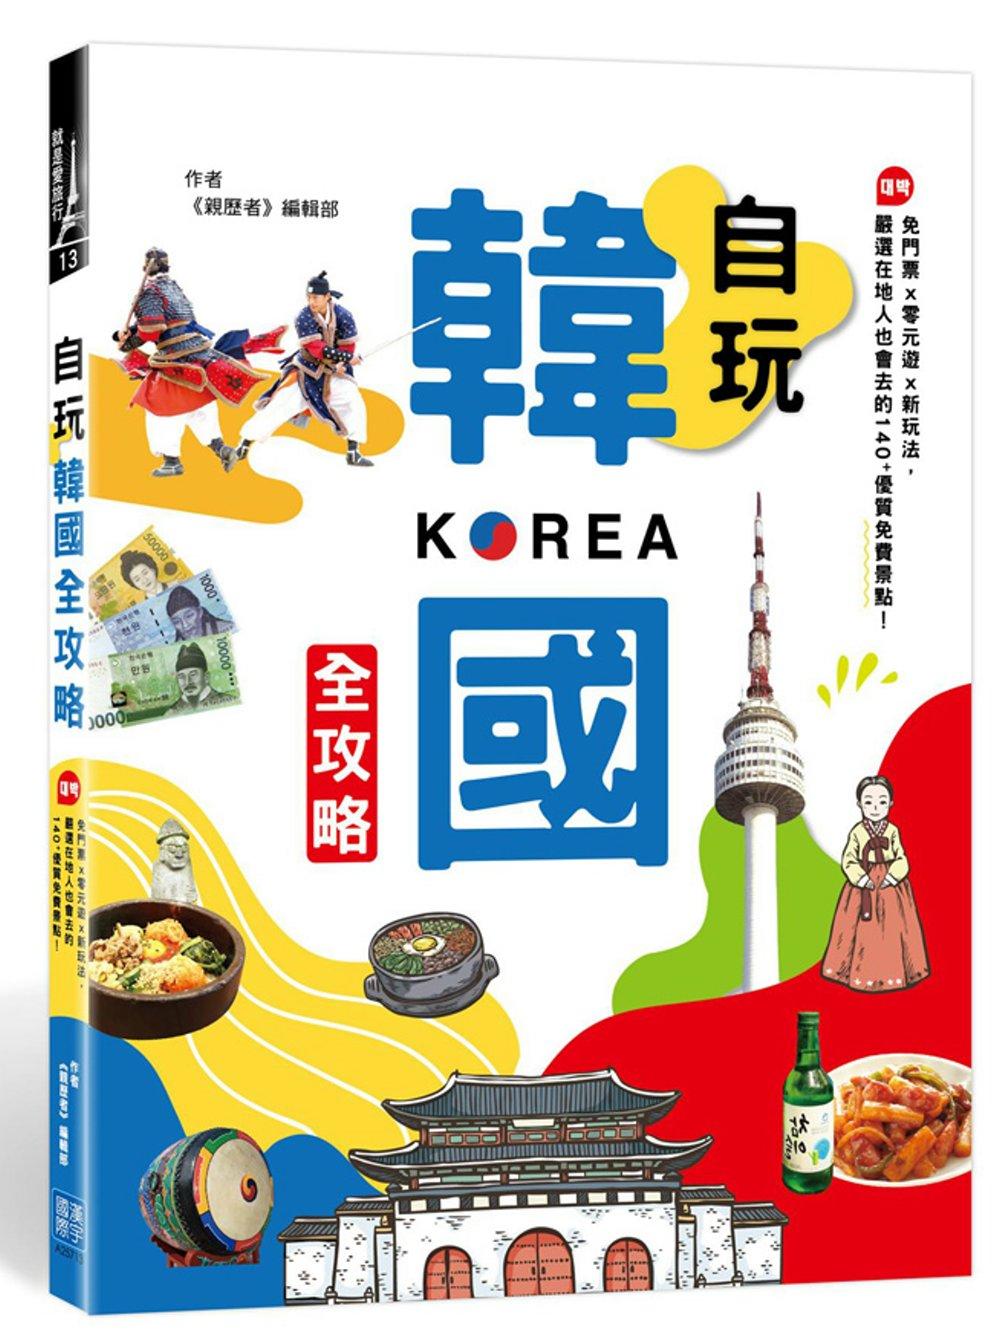 自玩韓國全攻略:免門票x零元遊x新玩法,嚴選在地人也會去的140+優質免費景點(隨書附贈:最新首爾地鐵圖)